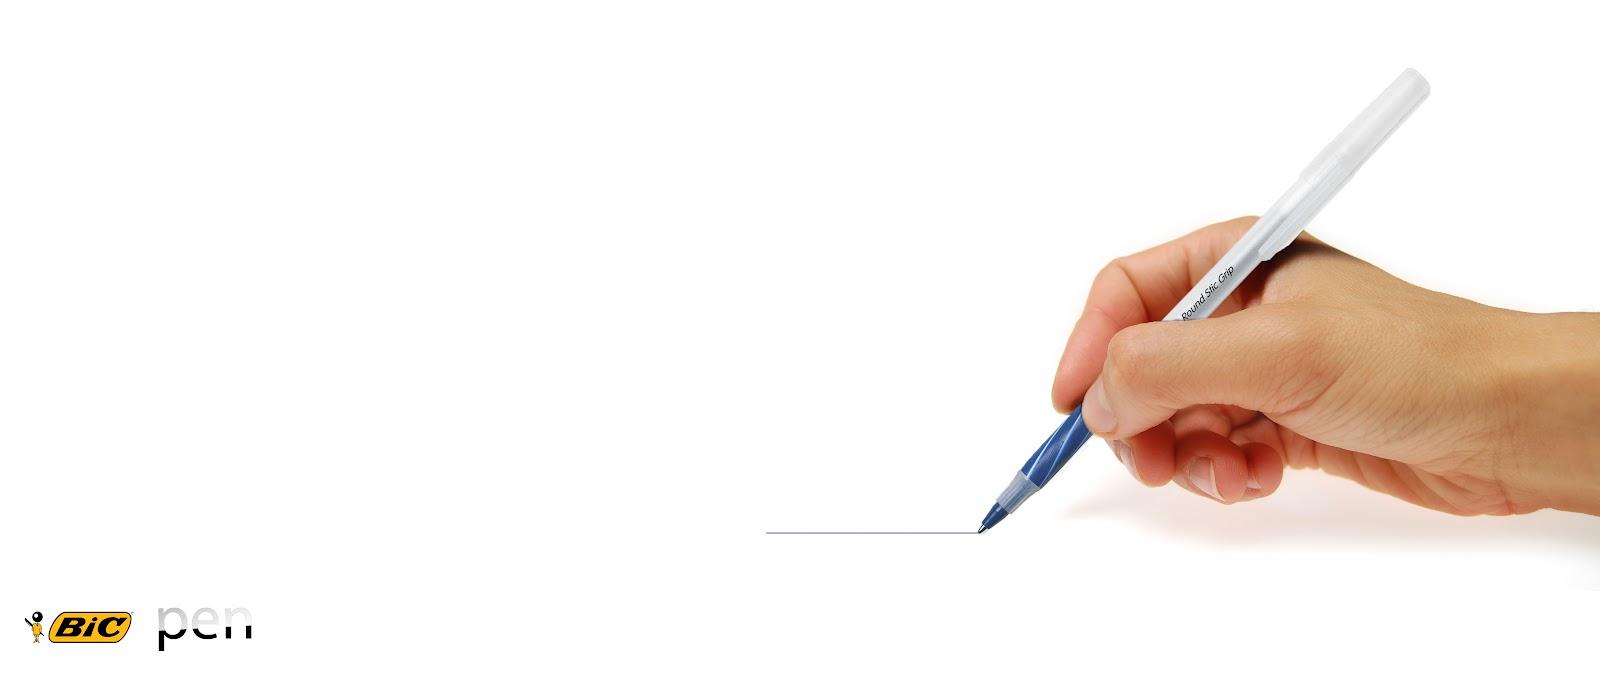 https://i0.wp.com/1.bp.blogspot.com/-zKa_O2ieUKo/UASs1YvhuLI/AAAAAAAAABk/y0uE9tSLcYg/s1600/pen.jpg?resize=763%2C324